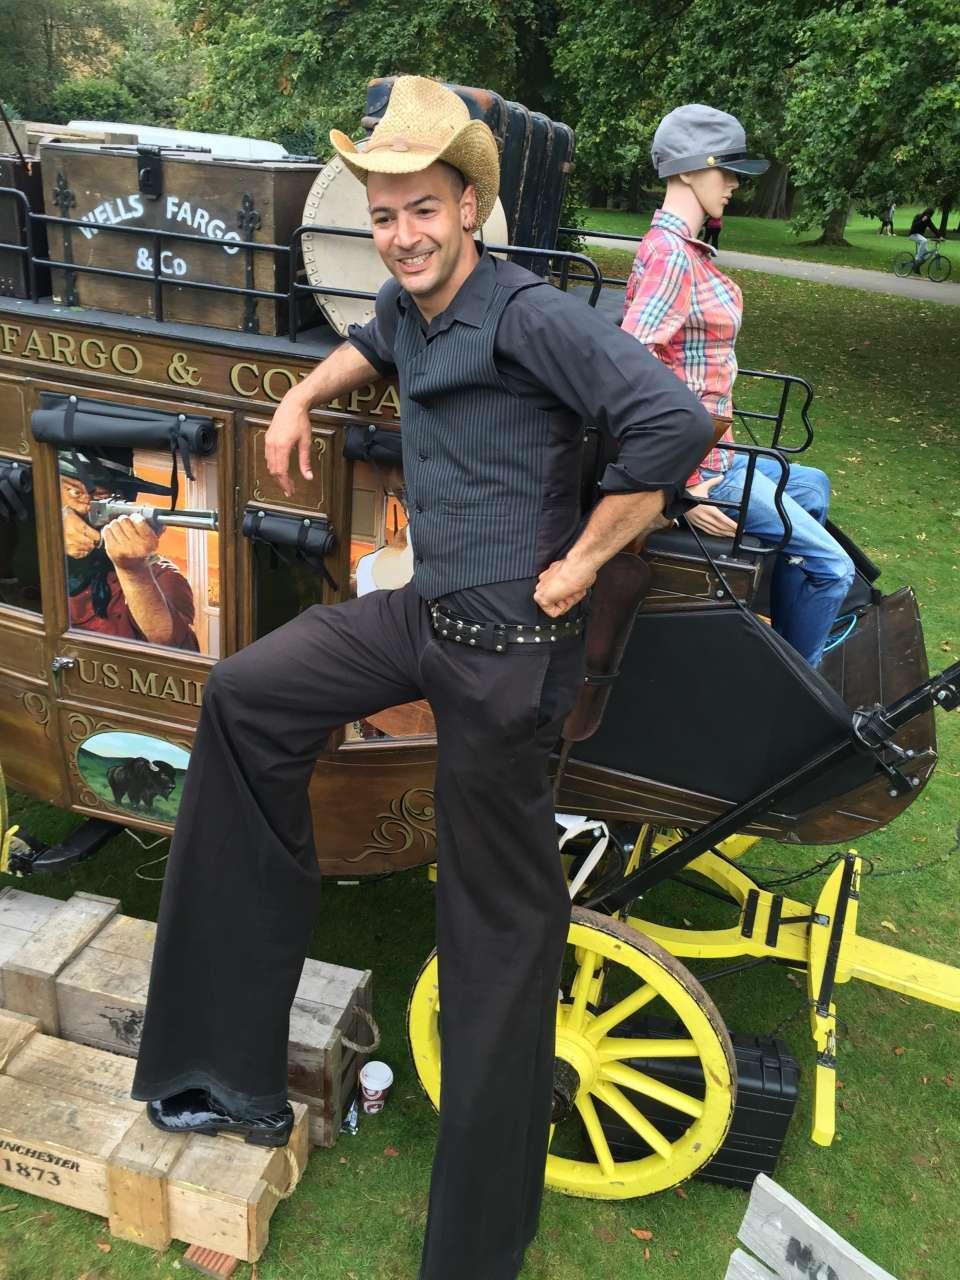 Cowboy on Stilts